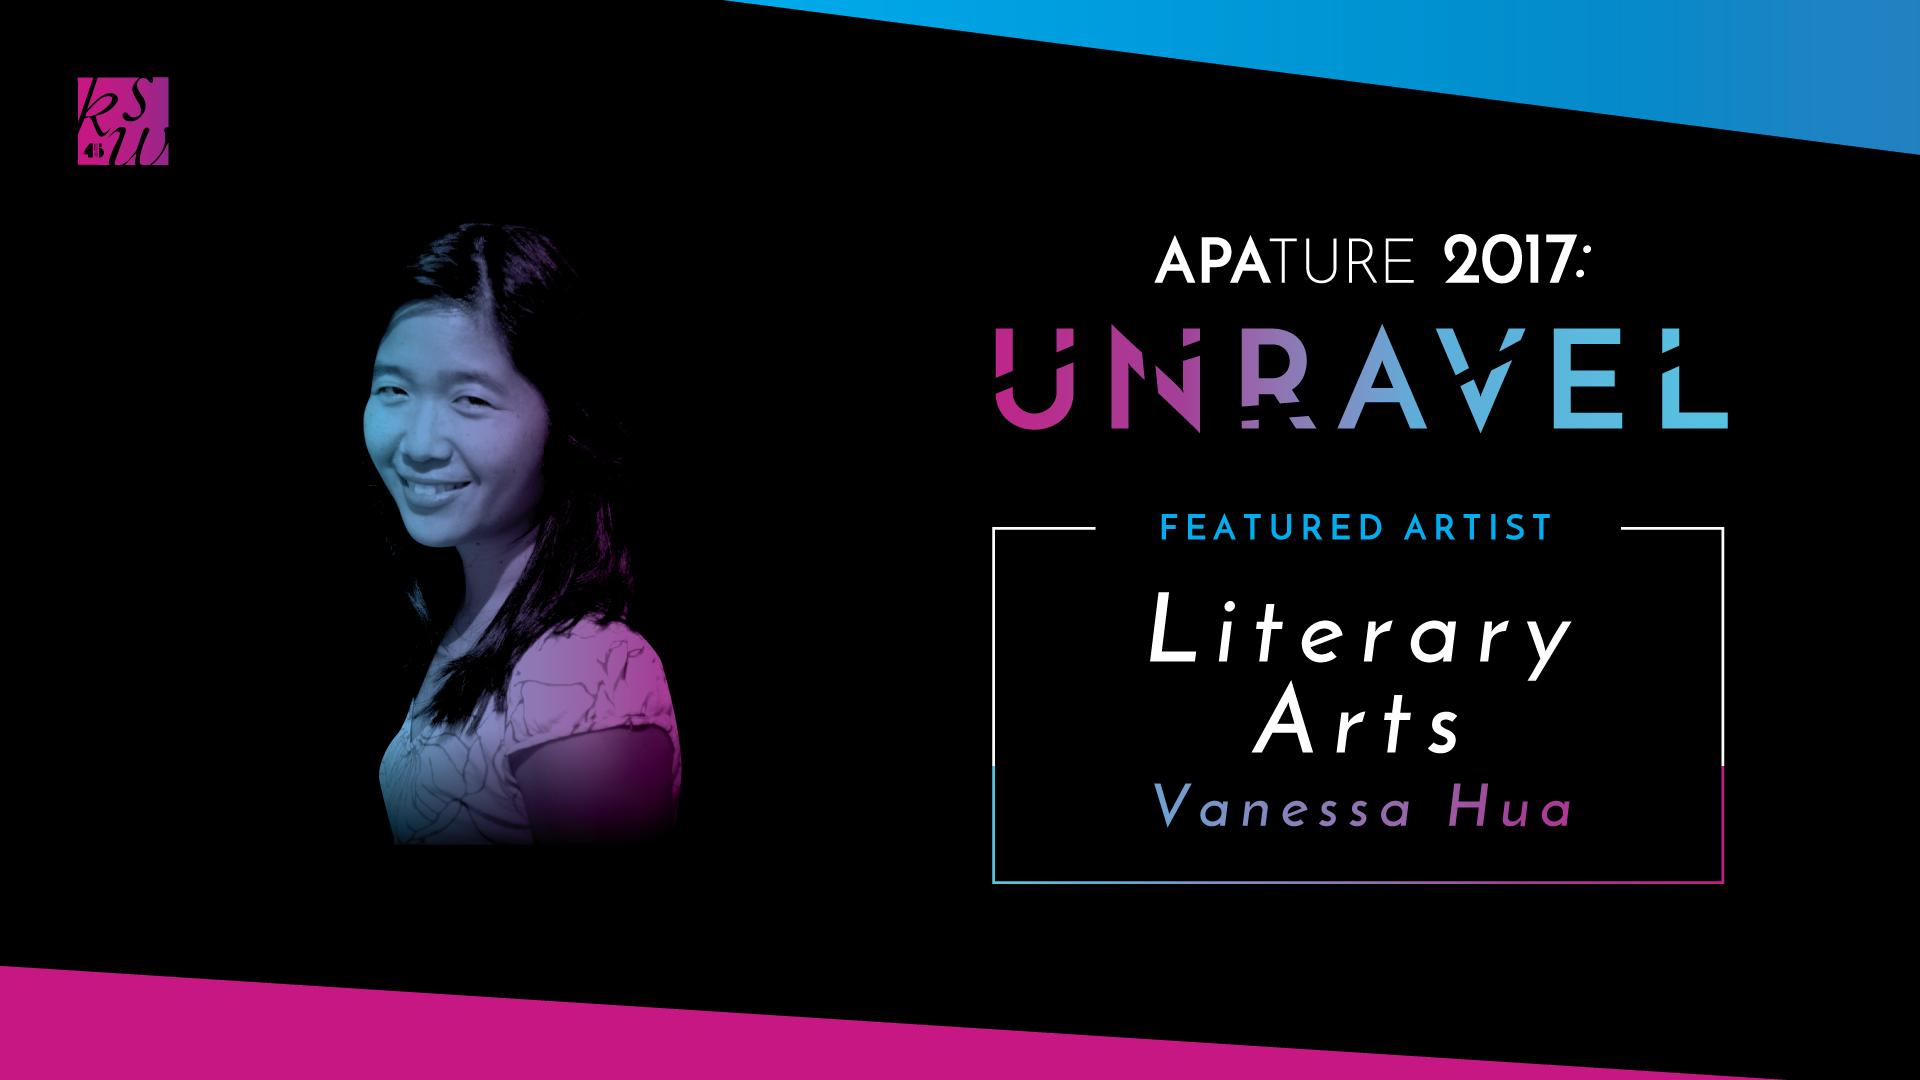 02_unravel_social_media_event_banner_literary_arts_2.jpg